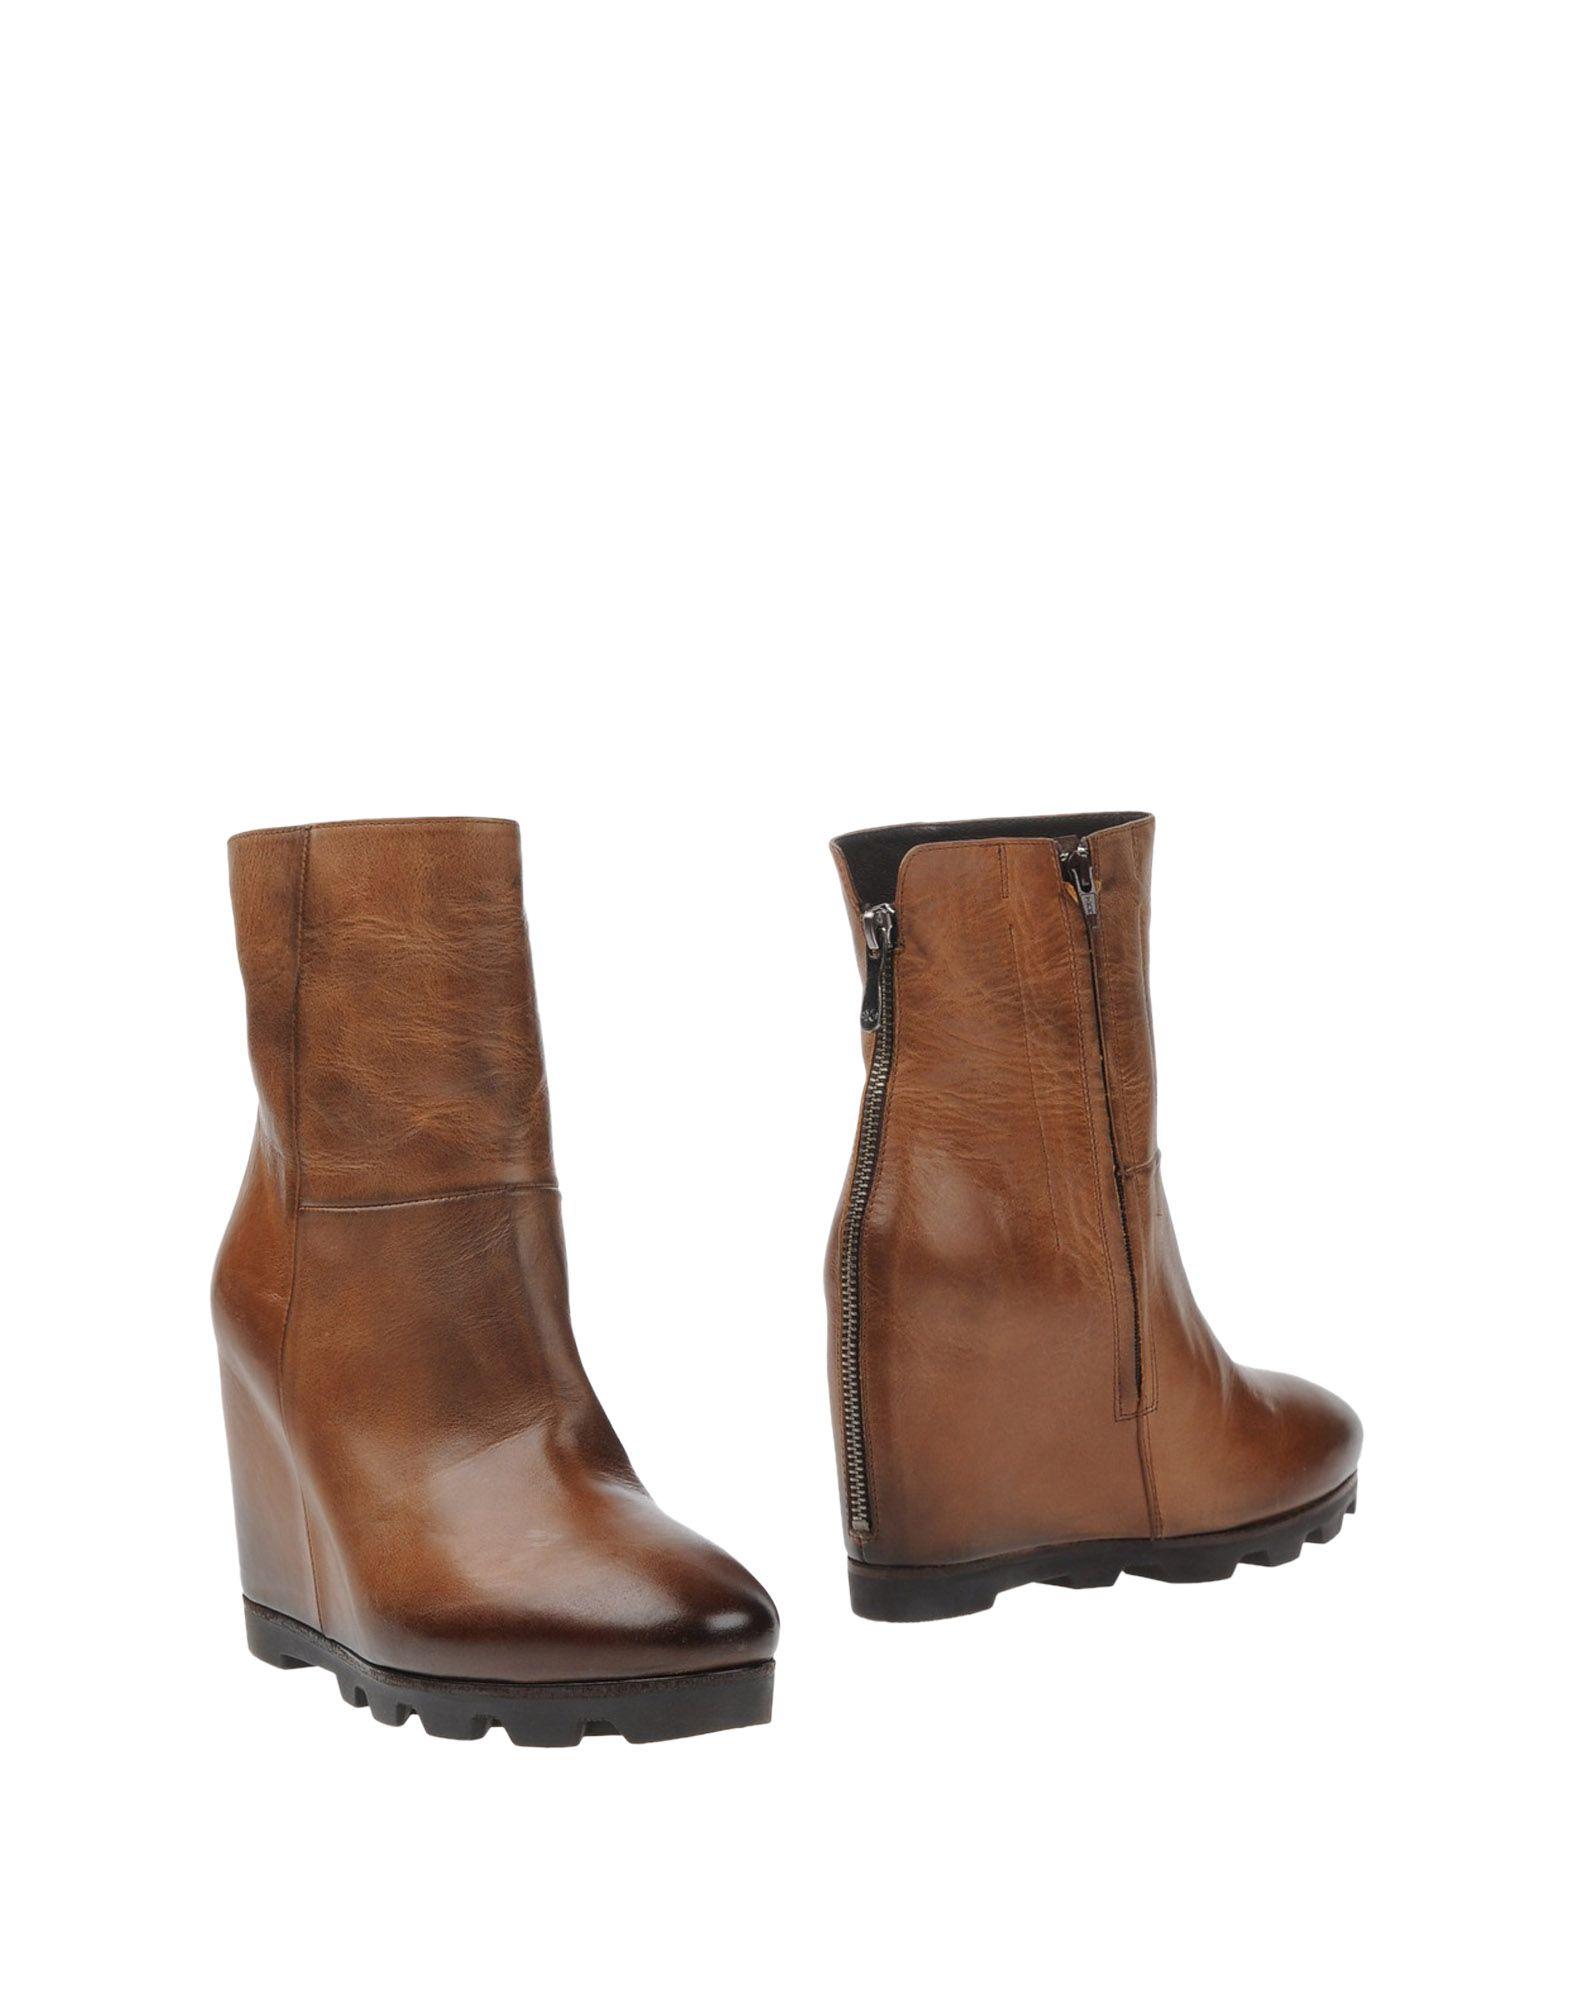 Haltbare Mode billige Schuhe O.X.S. Stiefelette Damen  11052673XQ Heiße Schuhe